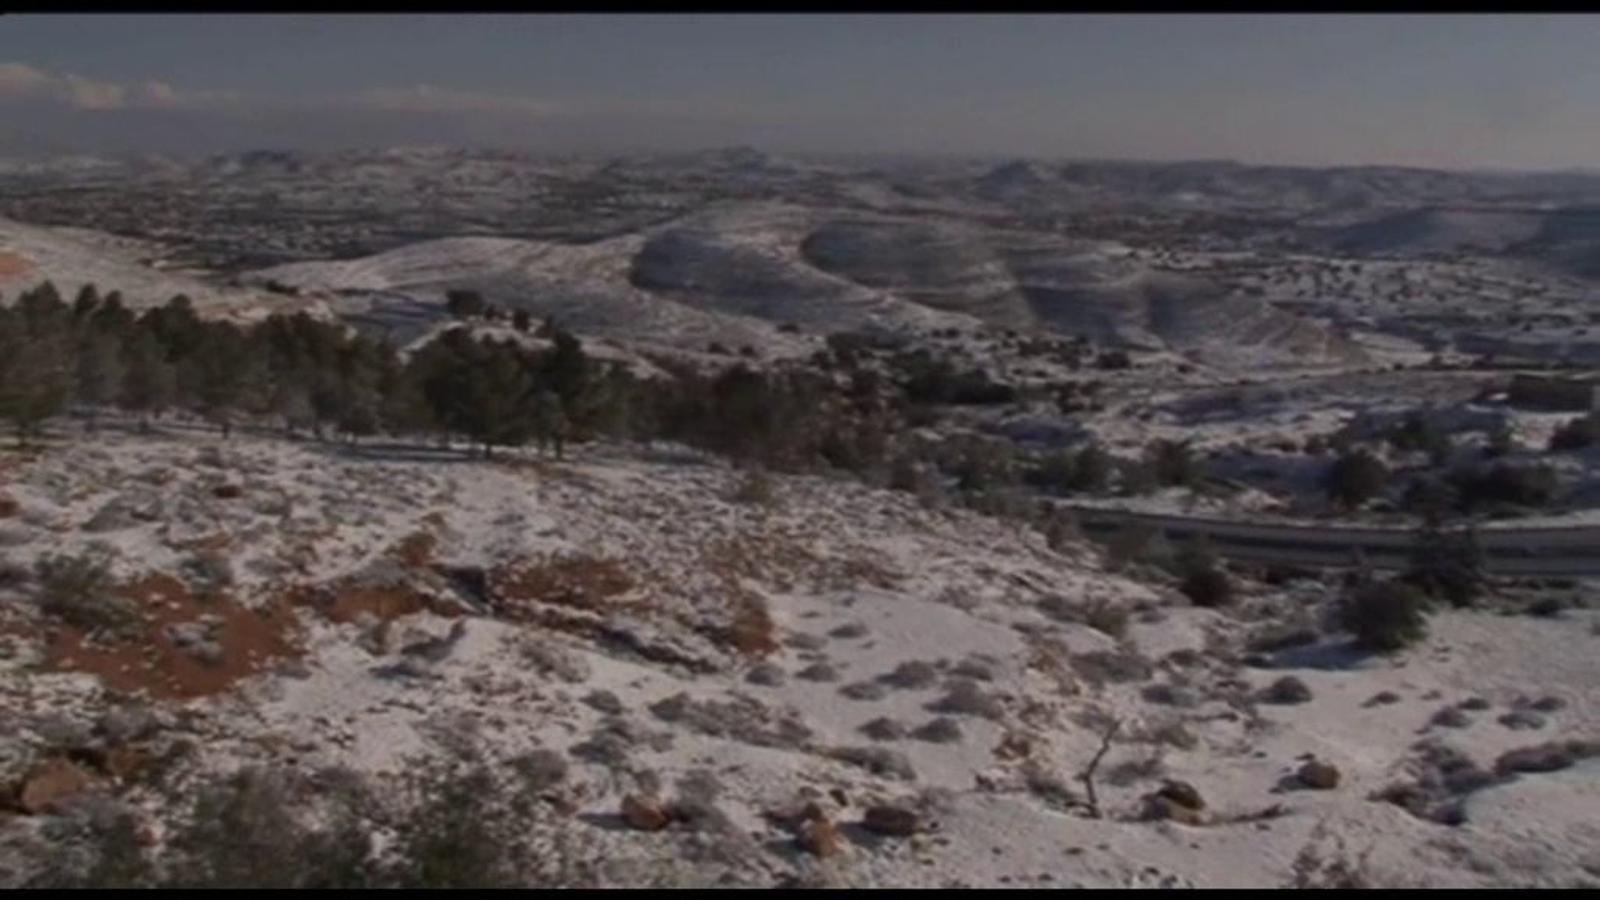 L'onada de fred creua el Mediterrani i arriba a Líbia, al nord d'Àfrica